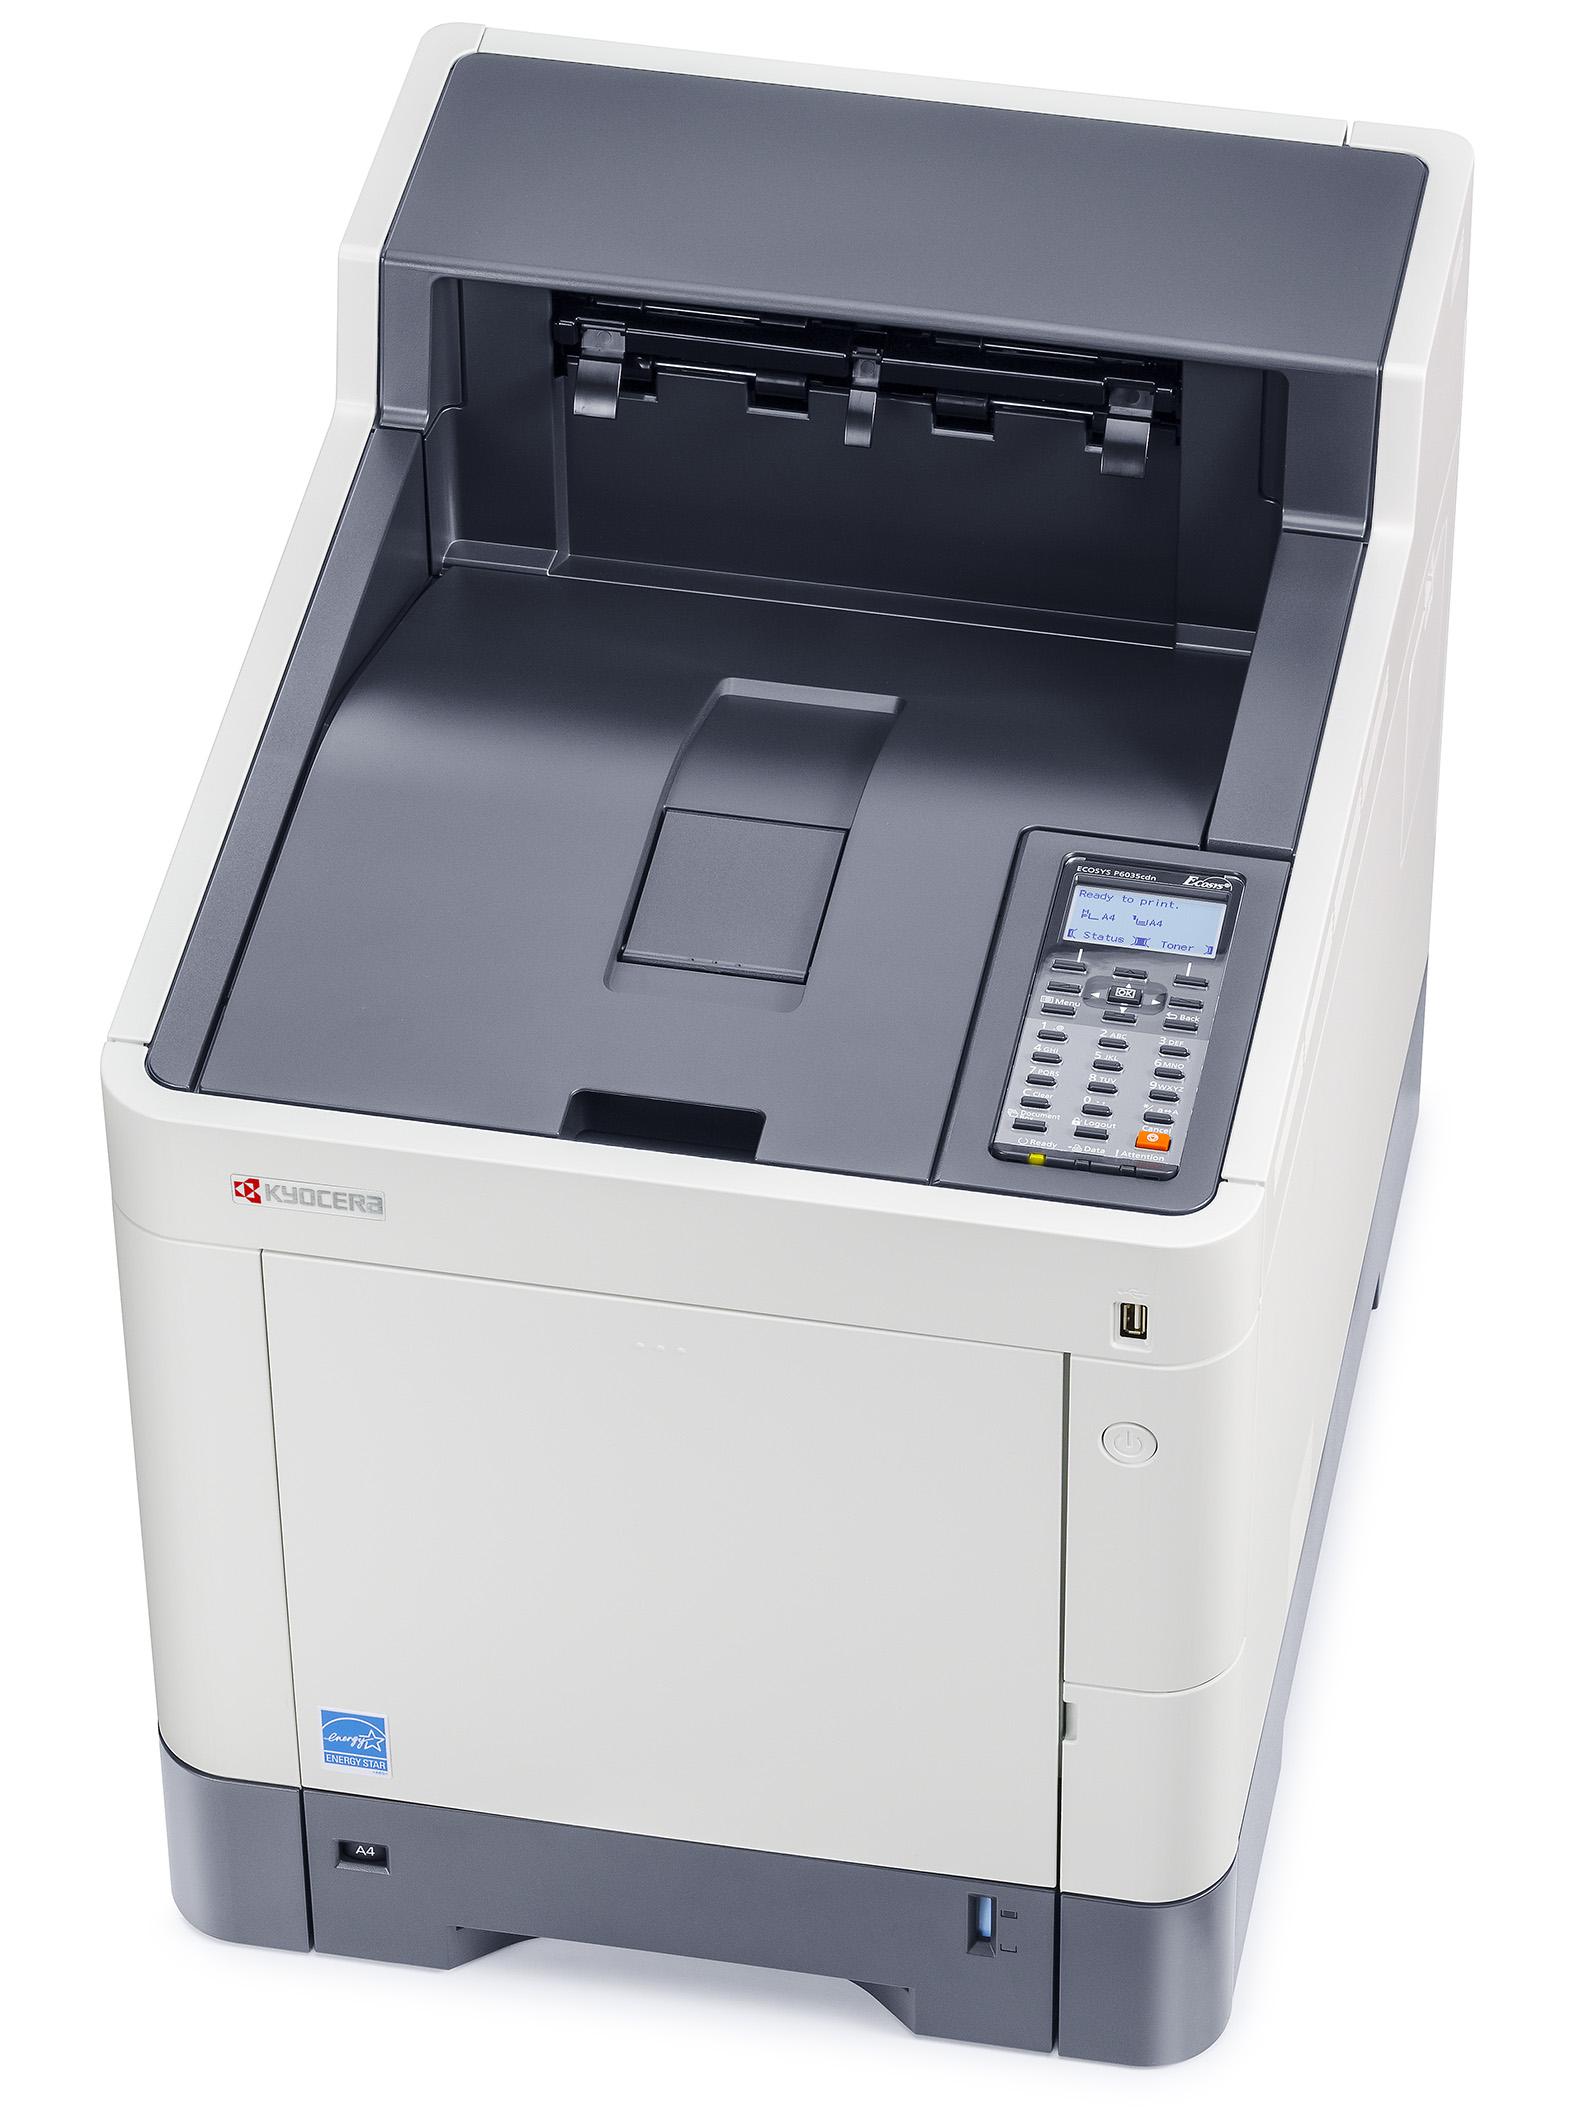 ECOSYS P6035cdn T Comb1